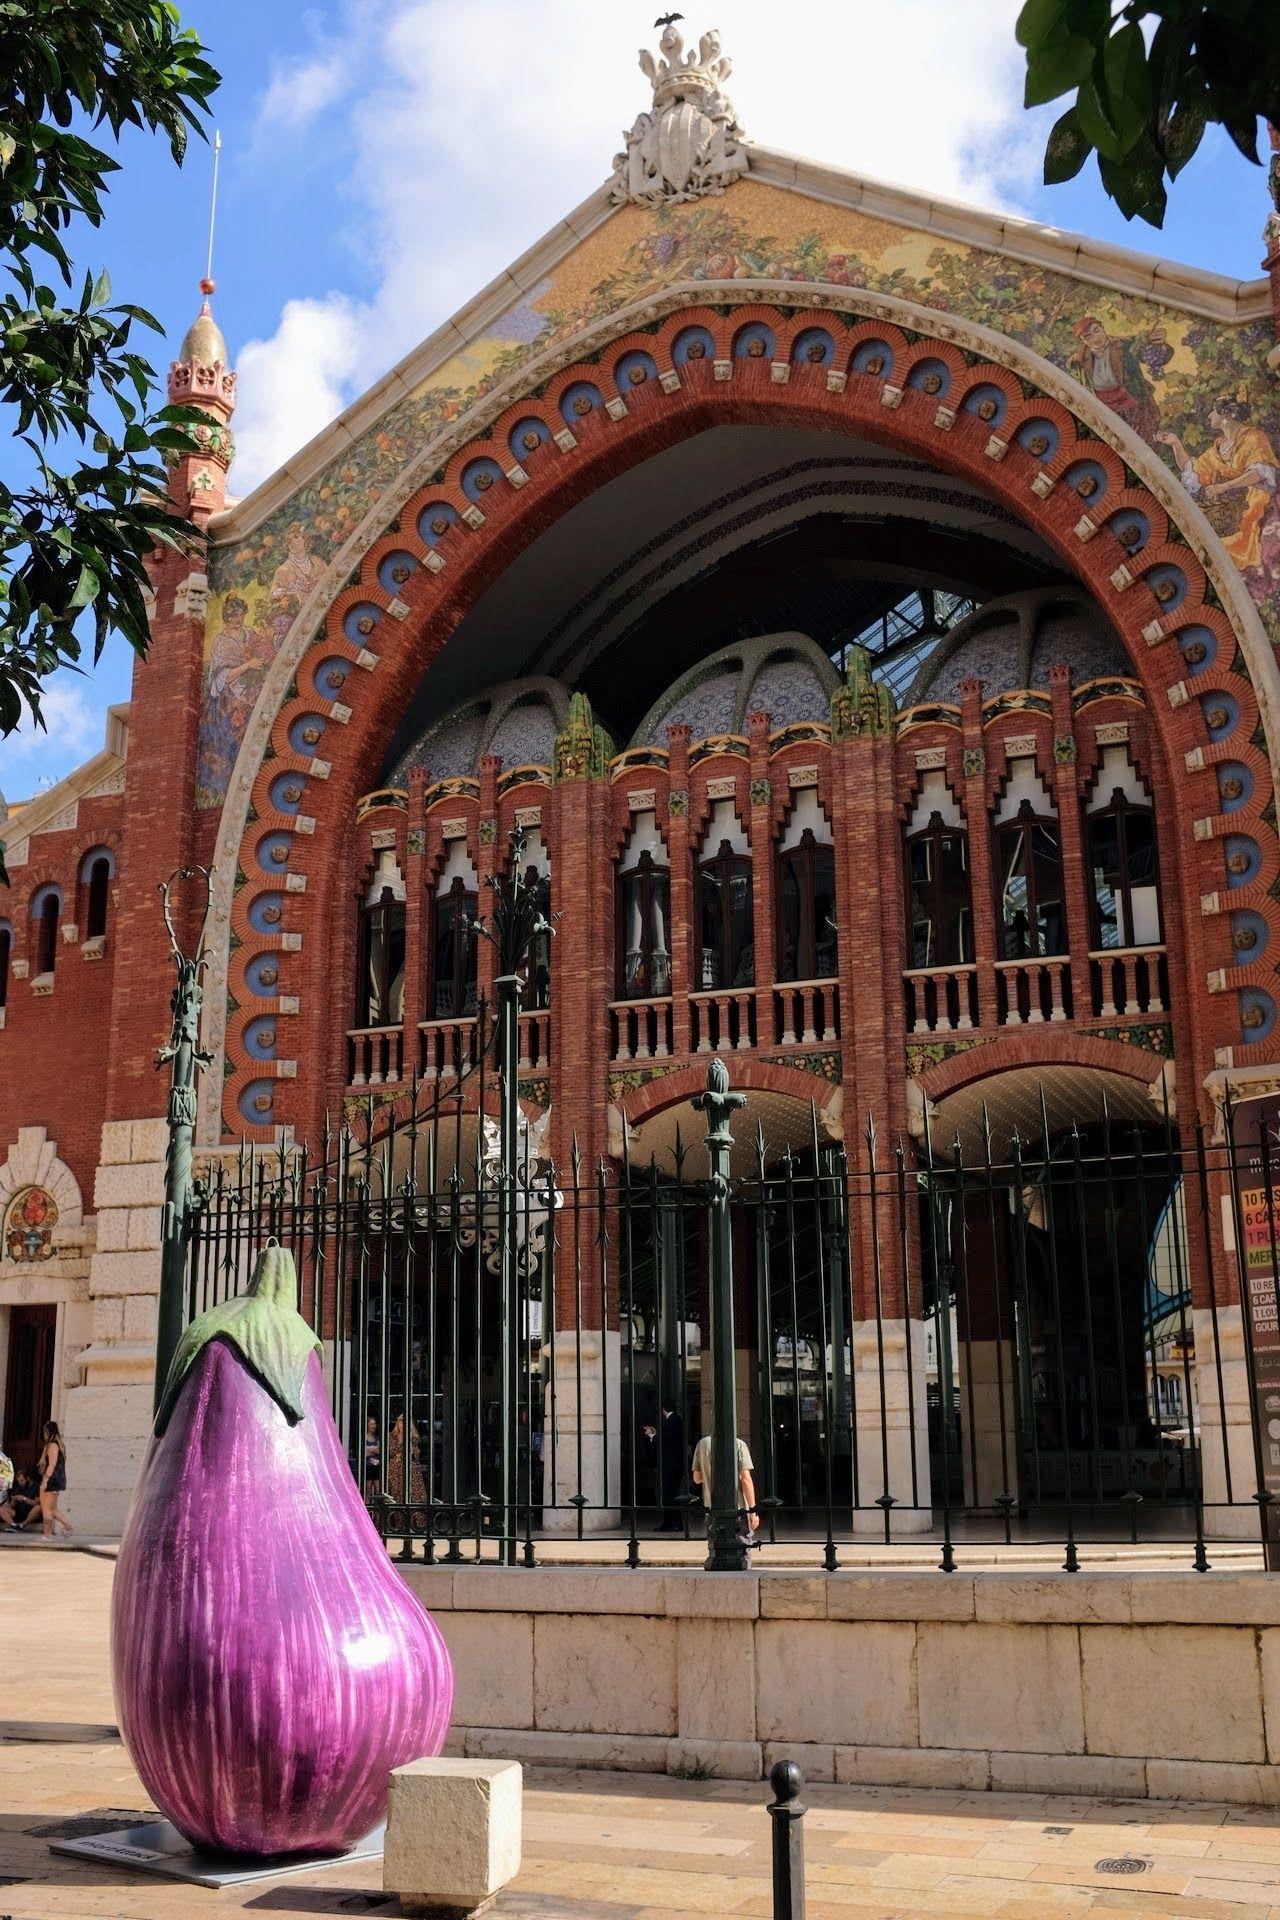 Valencia Spain Ciudad de las Artes y de las Ciencias Palau de les Arts Reina Sof a photography travel Ⓒ PASTELPIX VALENCIA